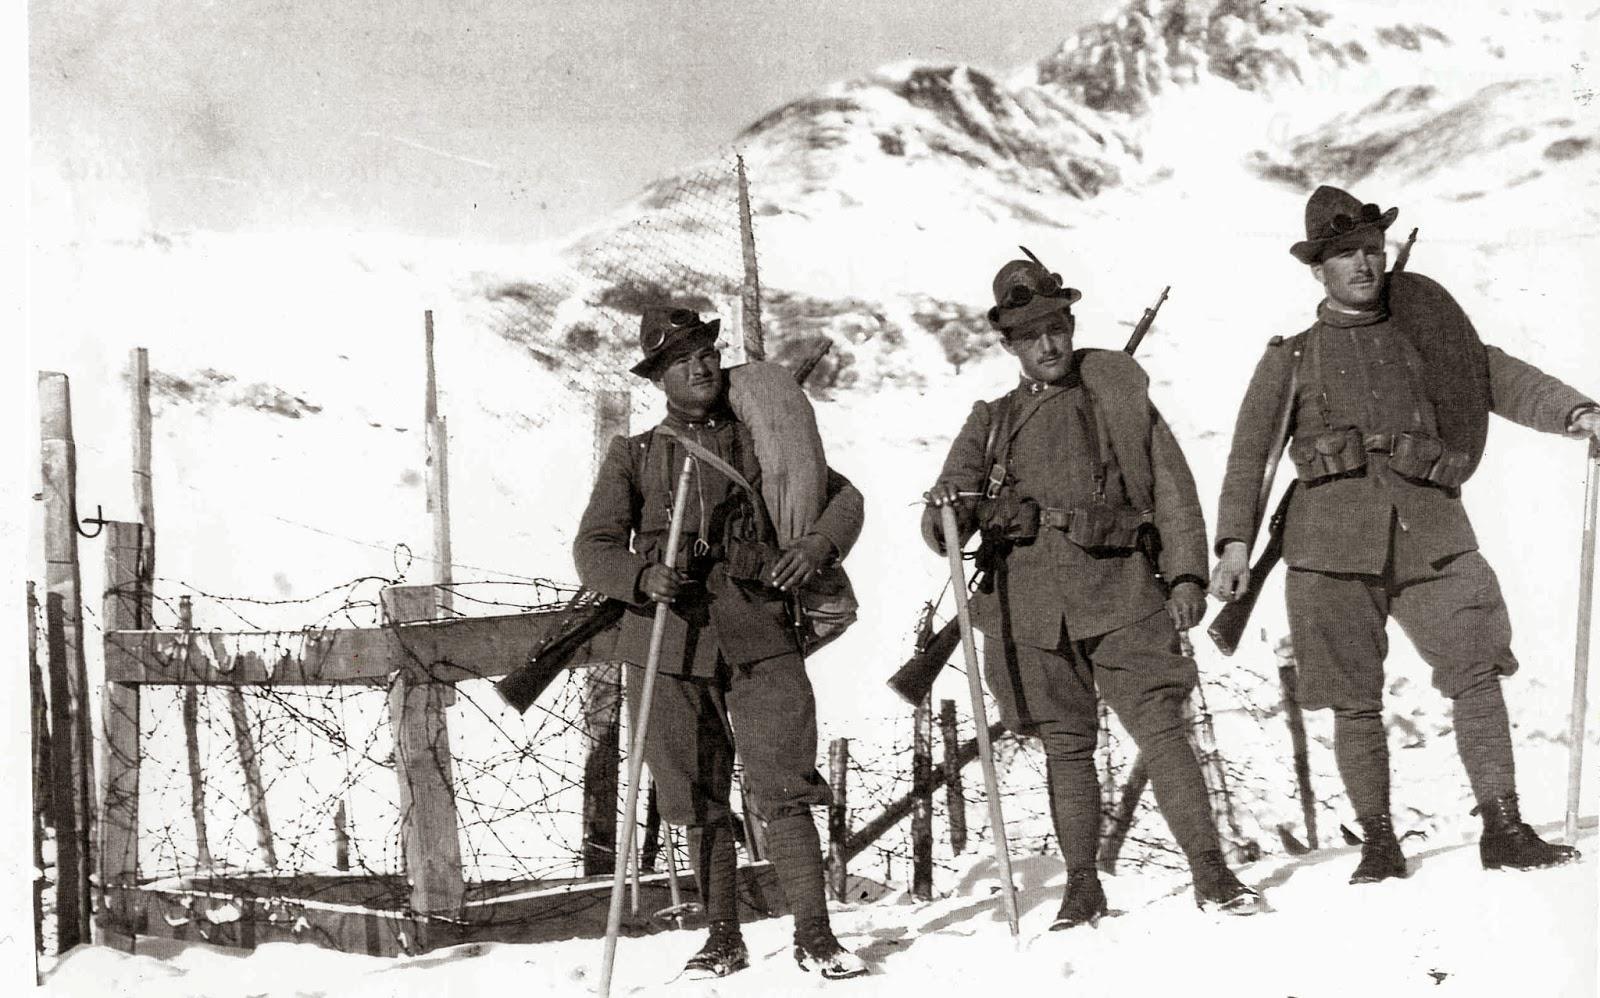 Storia del corpo degli alpini - Associazione Nazionale Alpini - Gruppo  Alpini San Giorgio di Nogaro 7995a62c41f4